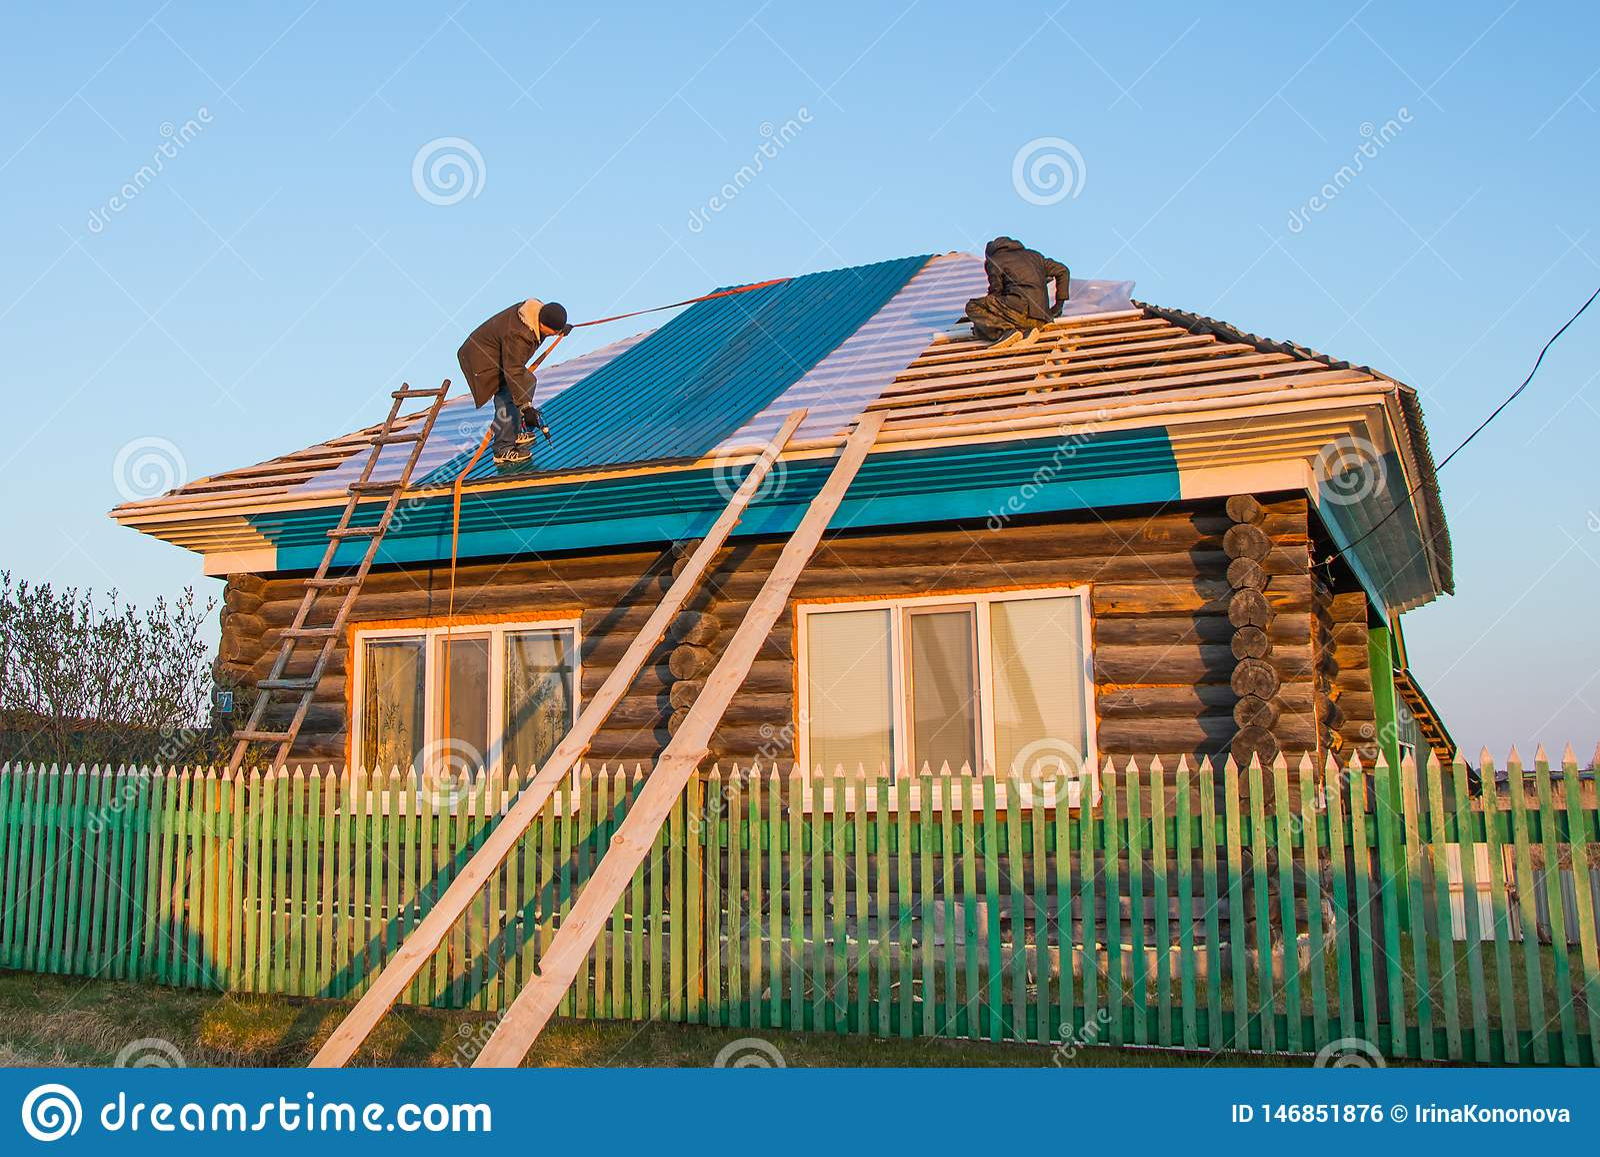 Två arbetare täcker taket av ett lantligt hus med metalltegelplattor